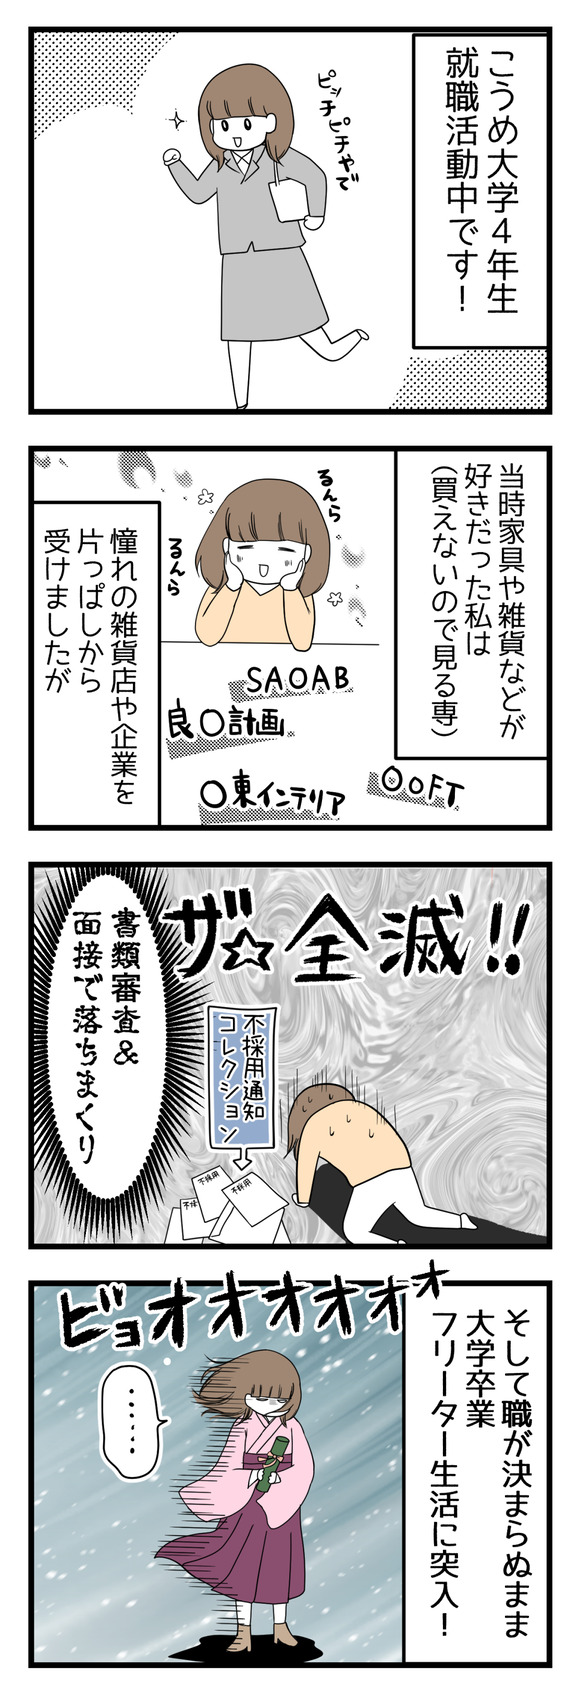 【社会人編】はじまり1